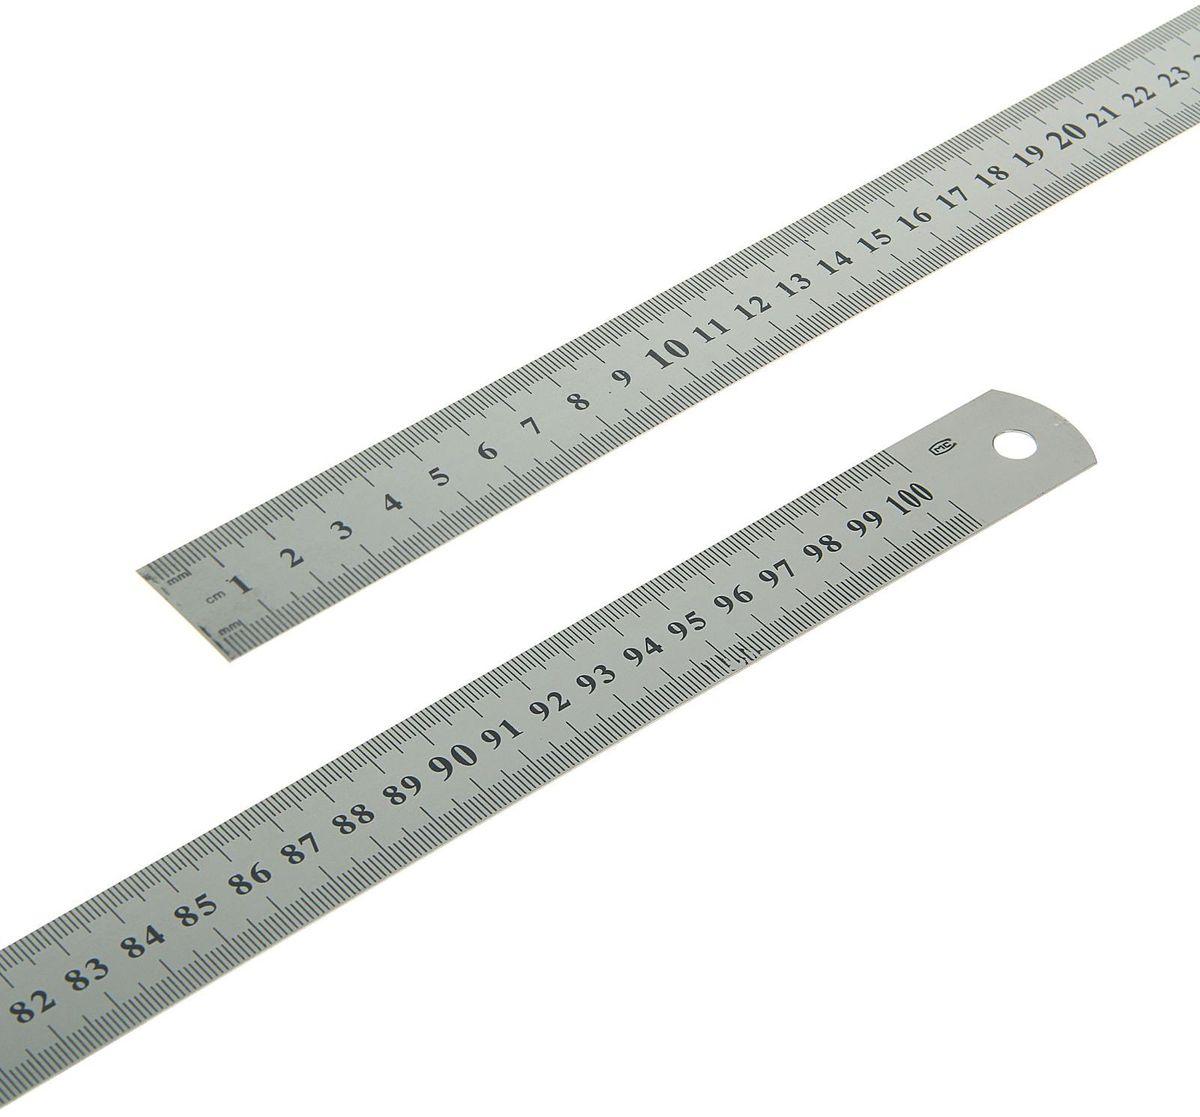 Линейка 1 м1509756Линейка выполнена из металла имеет шкалу на 100 см. Линейка предназначена для измерения и разметки линейных размеров. С ее помощью легко определить длину, ширину, и отмерить необходимое расстояние.